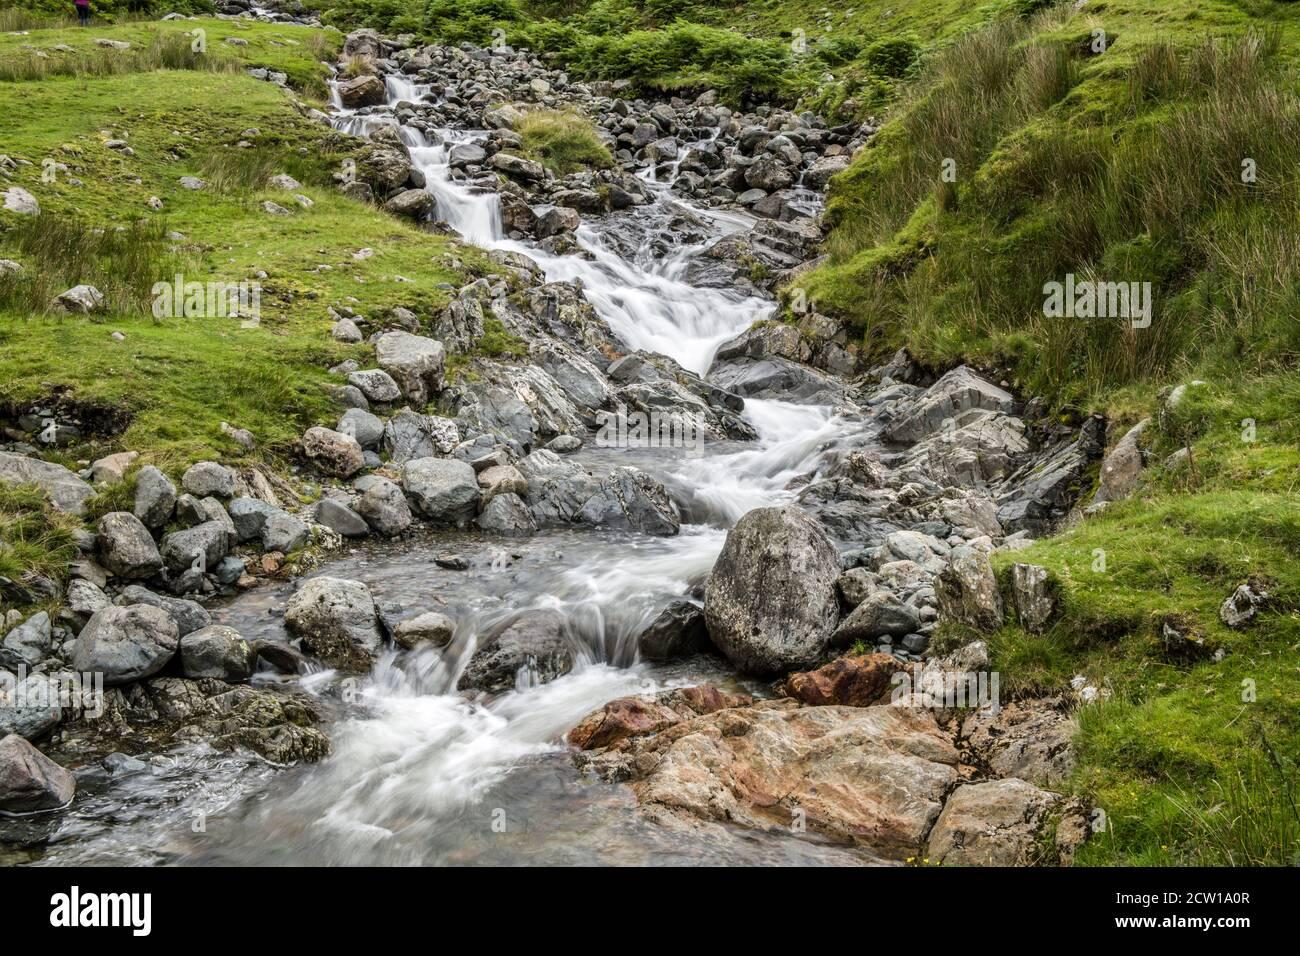 Uno de los varios arroyos que caen por la orilla de la calle Kirkstone Pass. Cerca de la carretera como se baja a Brotherswater y Ullswater. Foto de stock